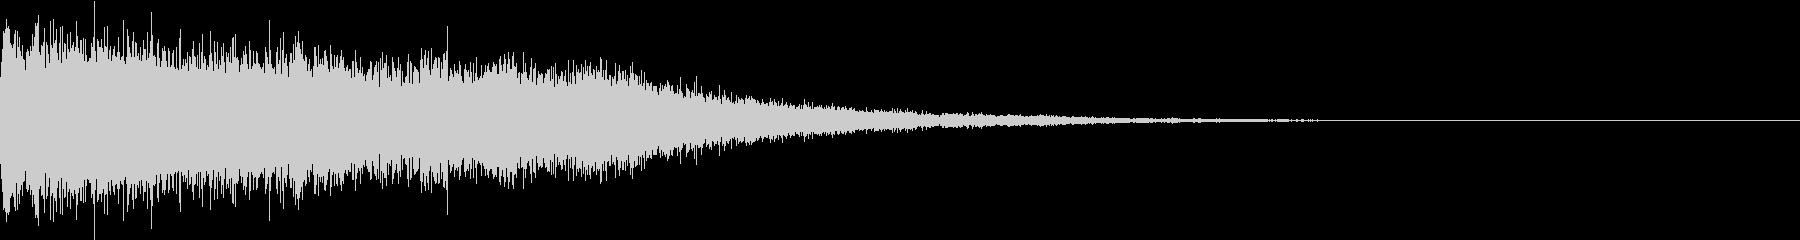 キュイーン(レーザービームを撃つ音)の未再生の波形